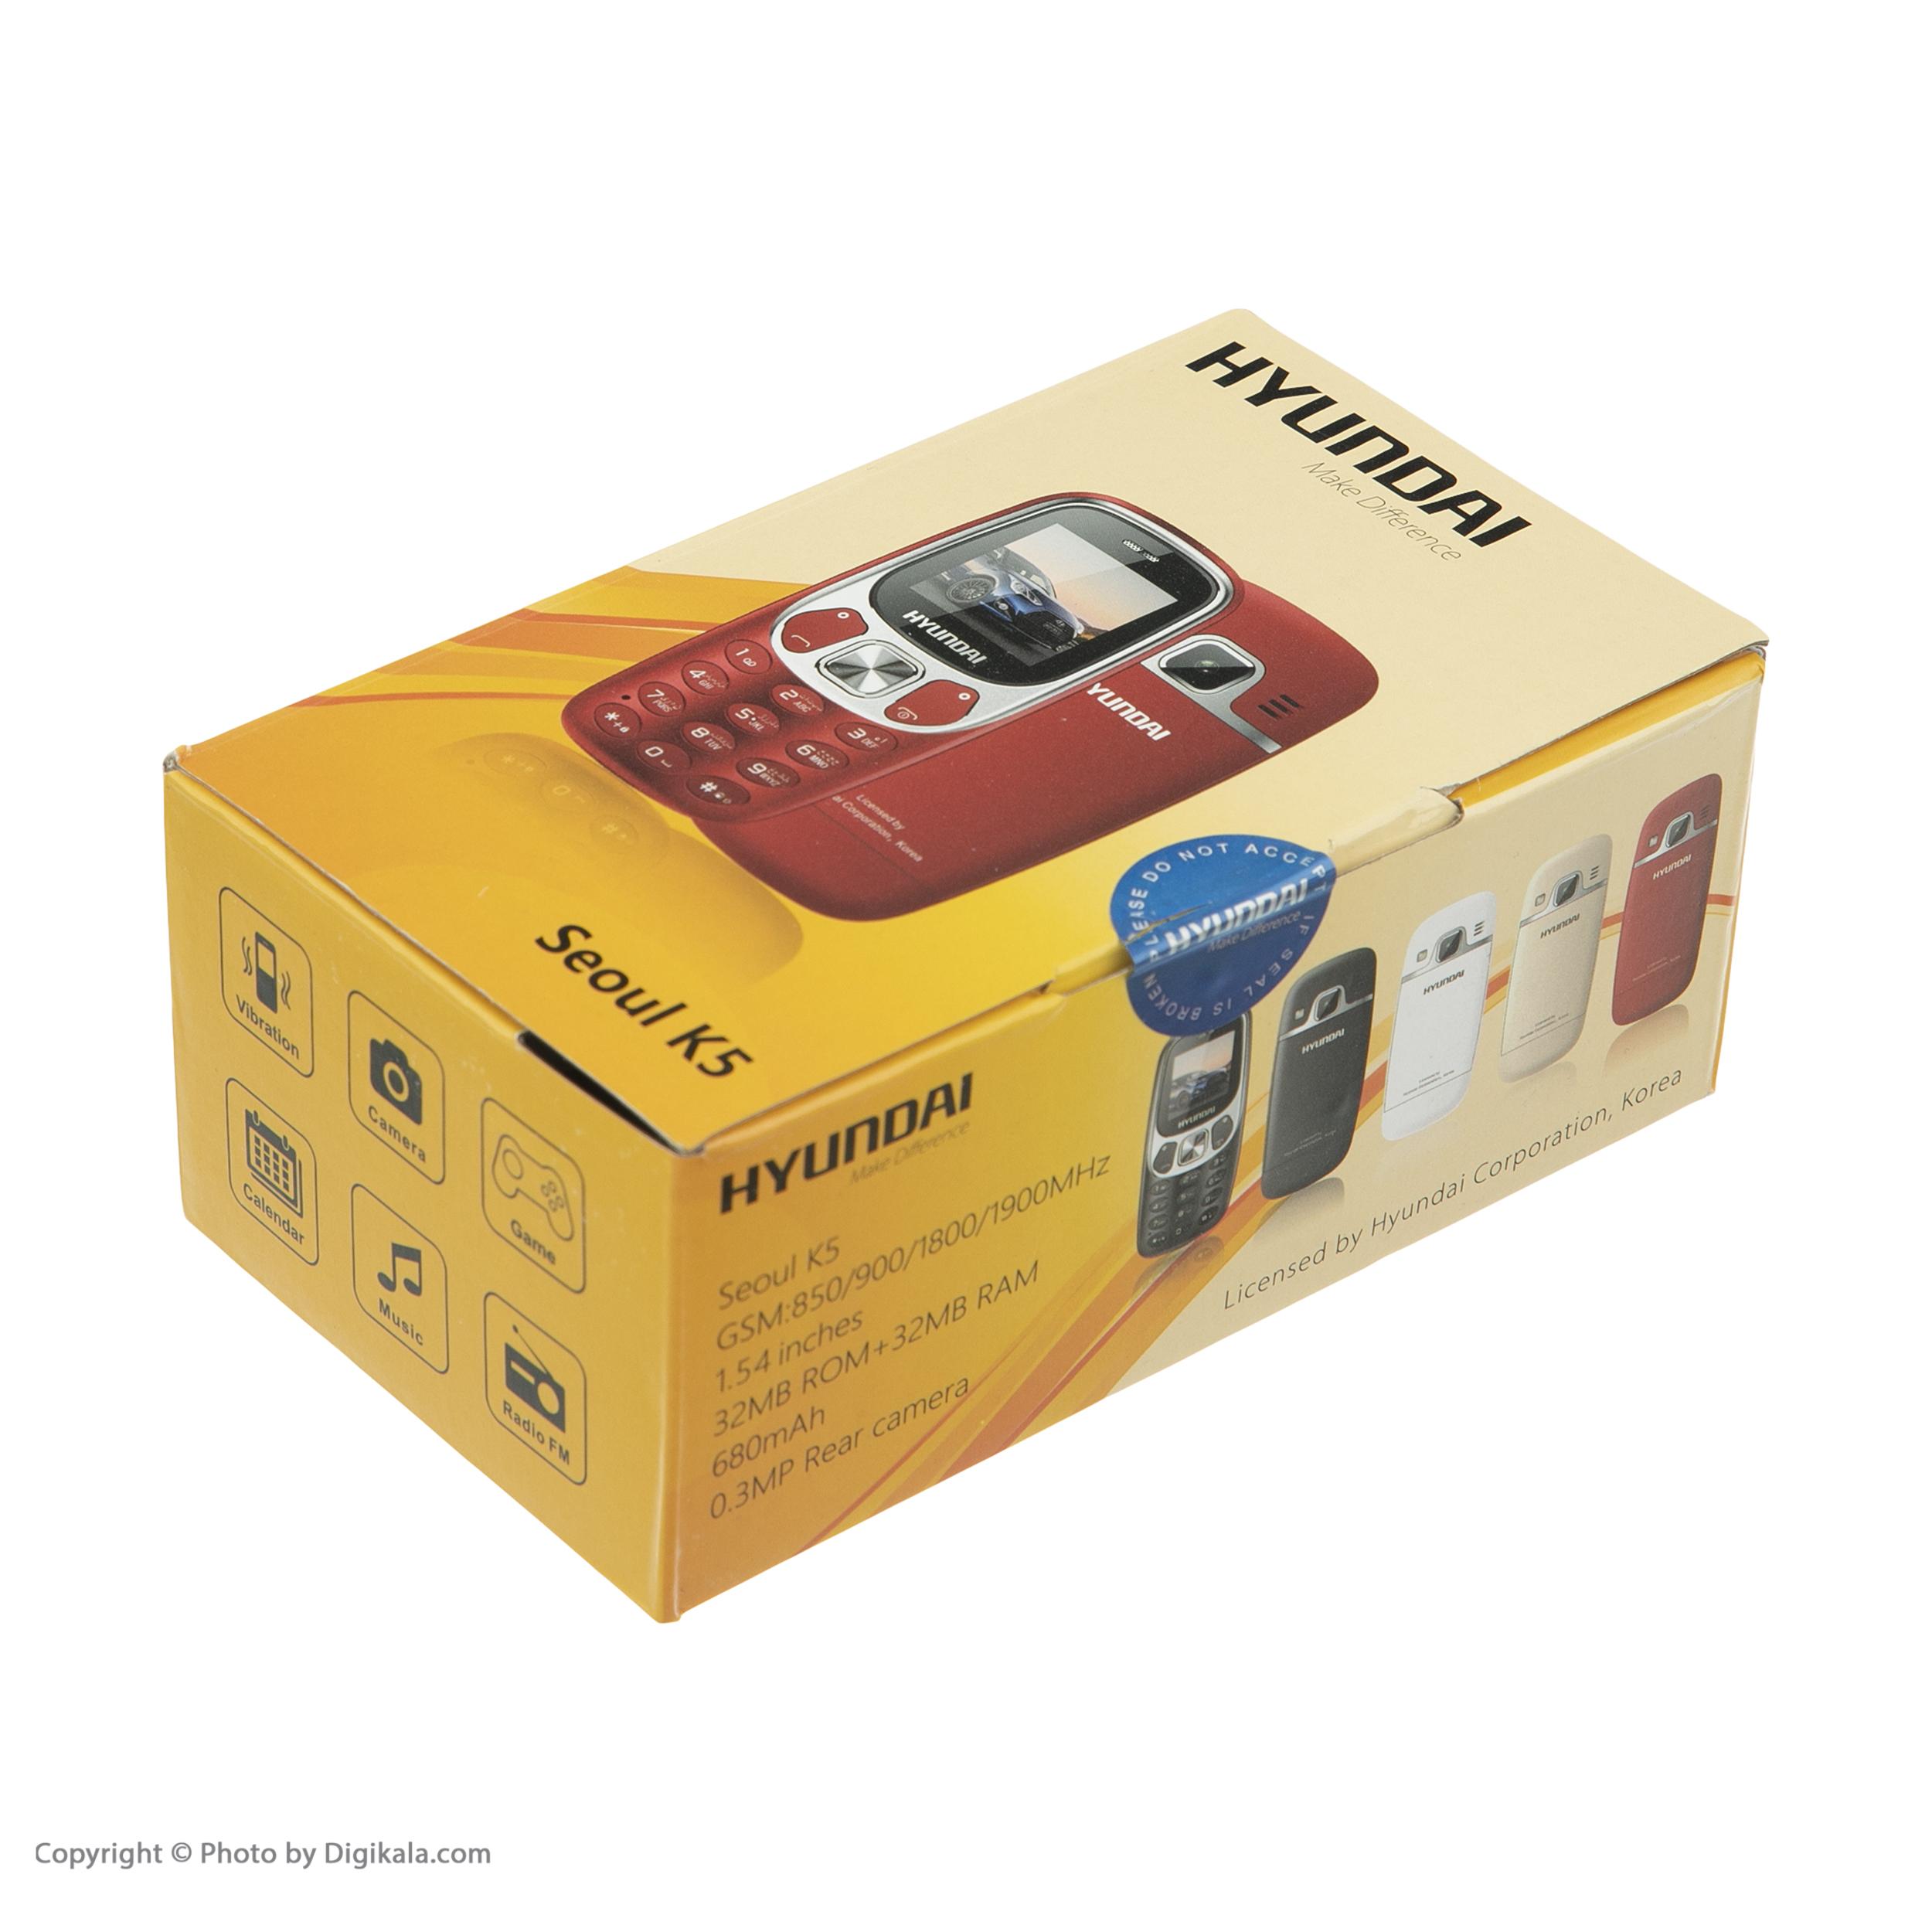 گوشی موبایل هیوندای مدل Seoul K5 دو سیم کارت main 1 16